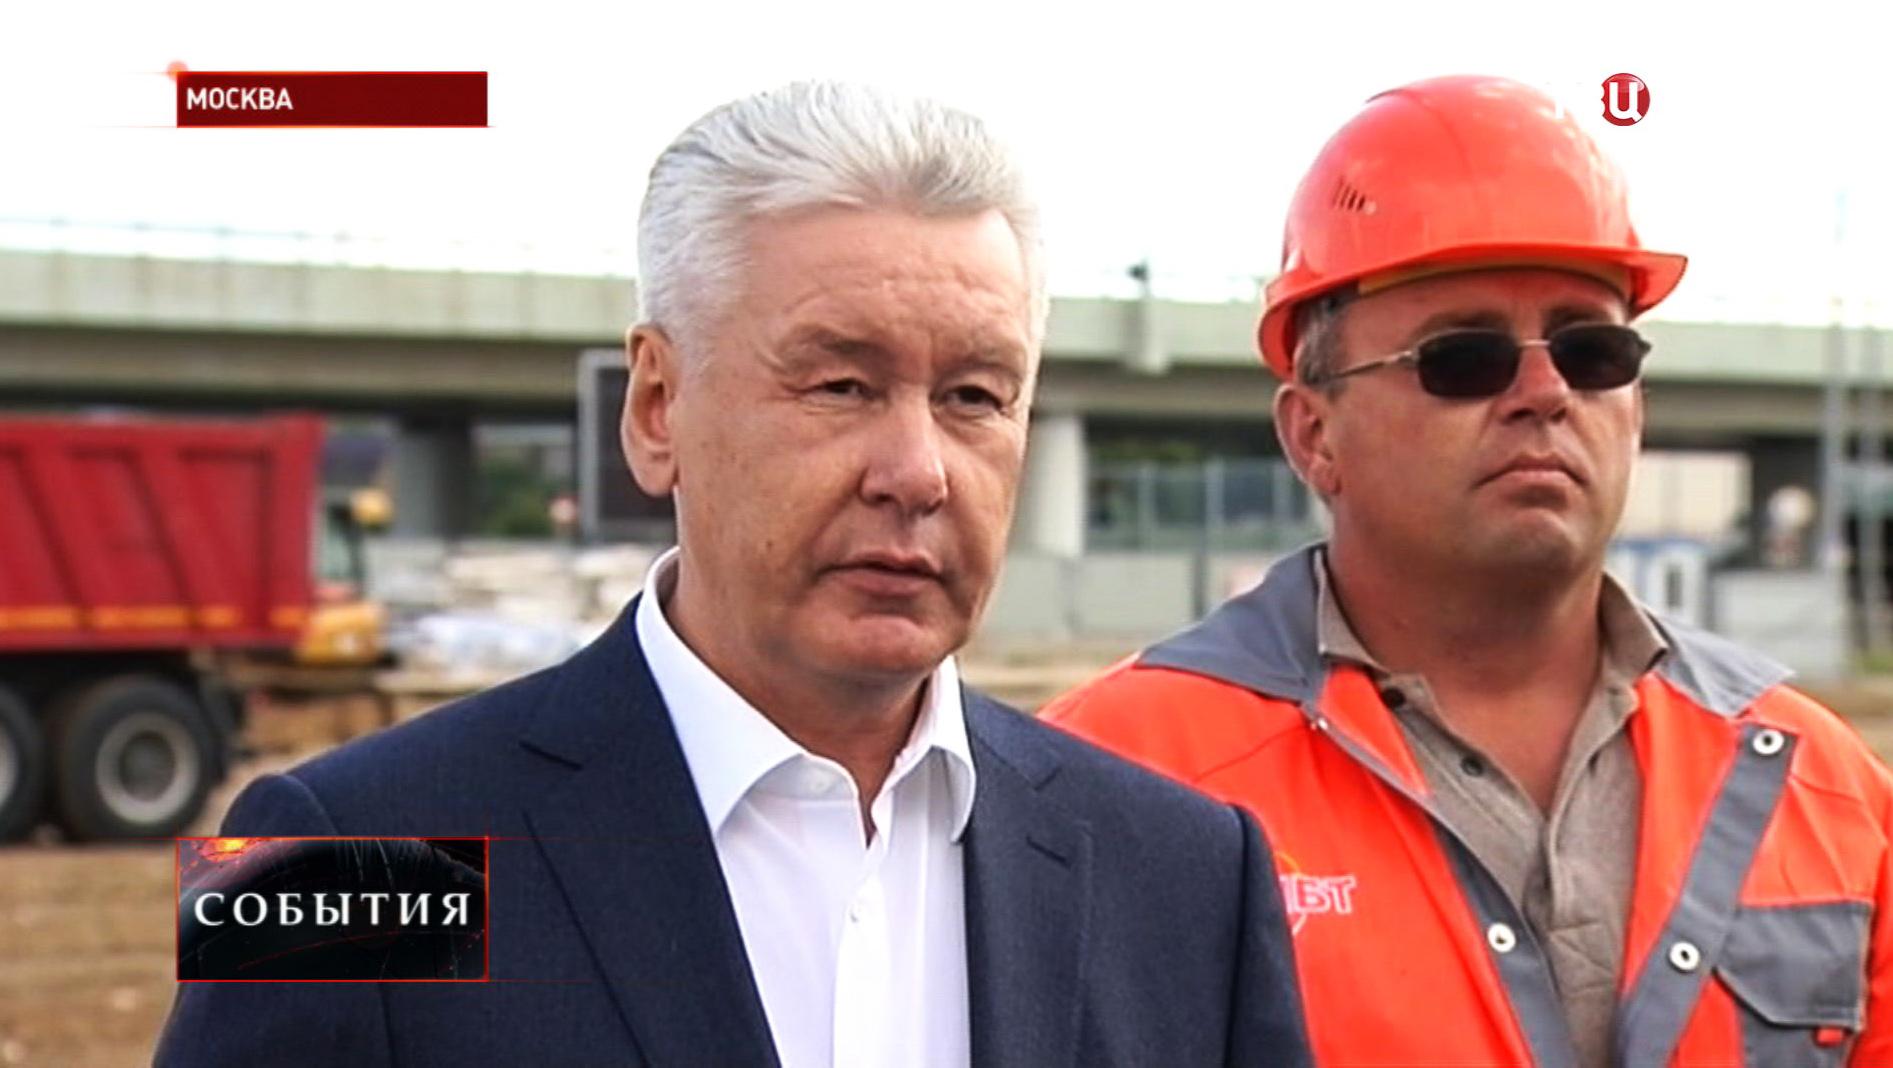 Сергей Собянин инспектирует ход работ по строительству станции метро